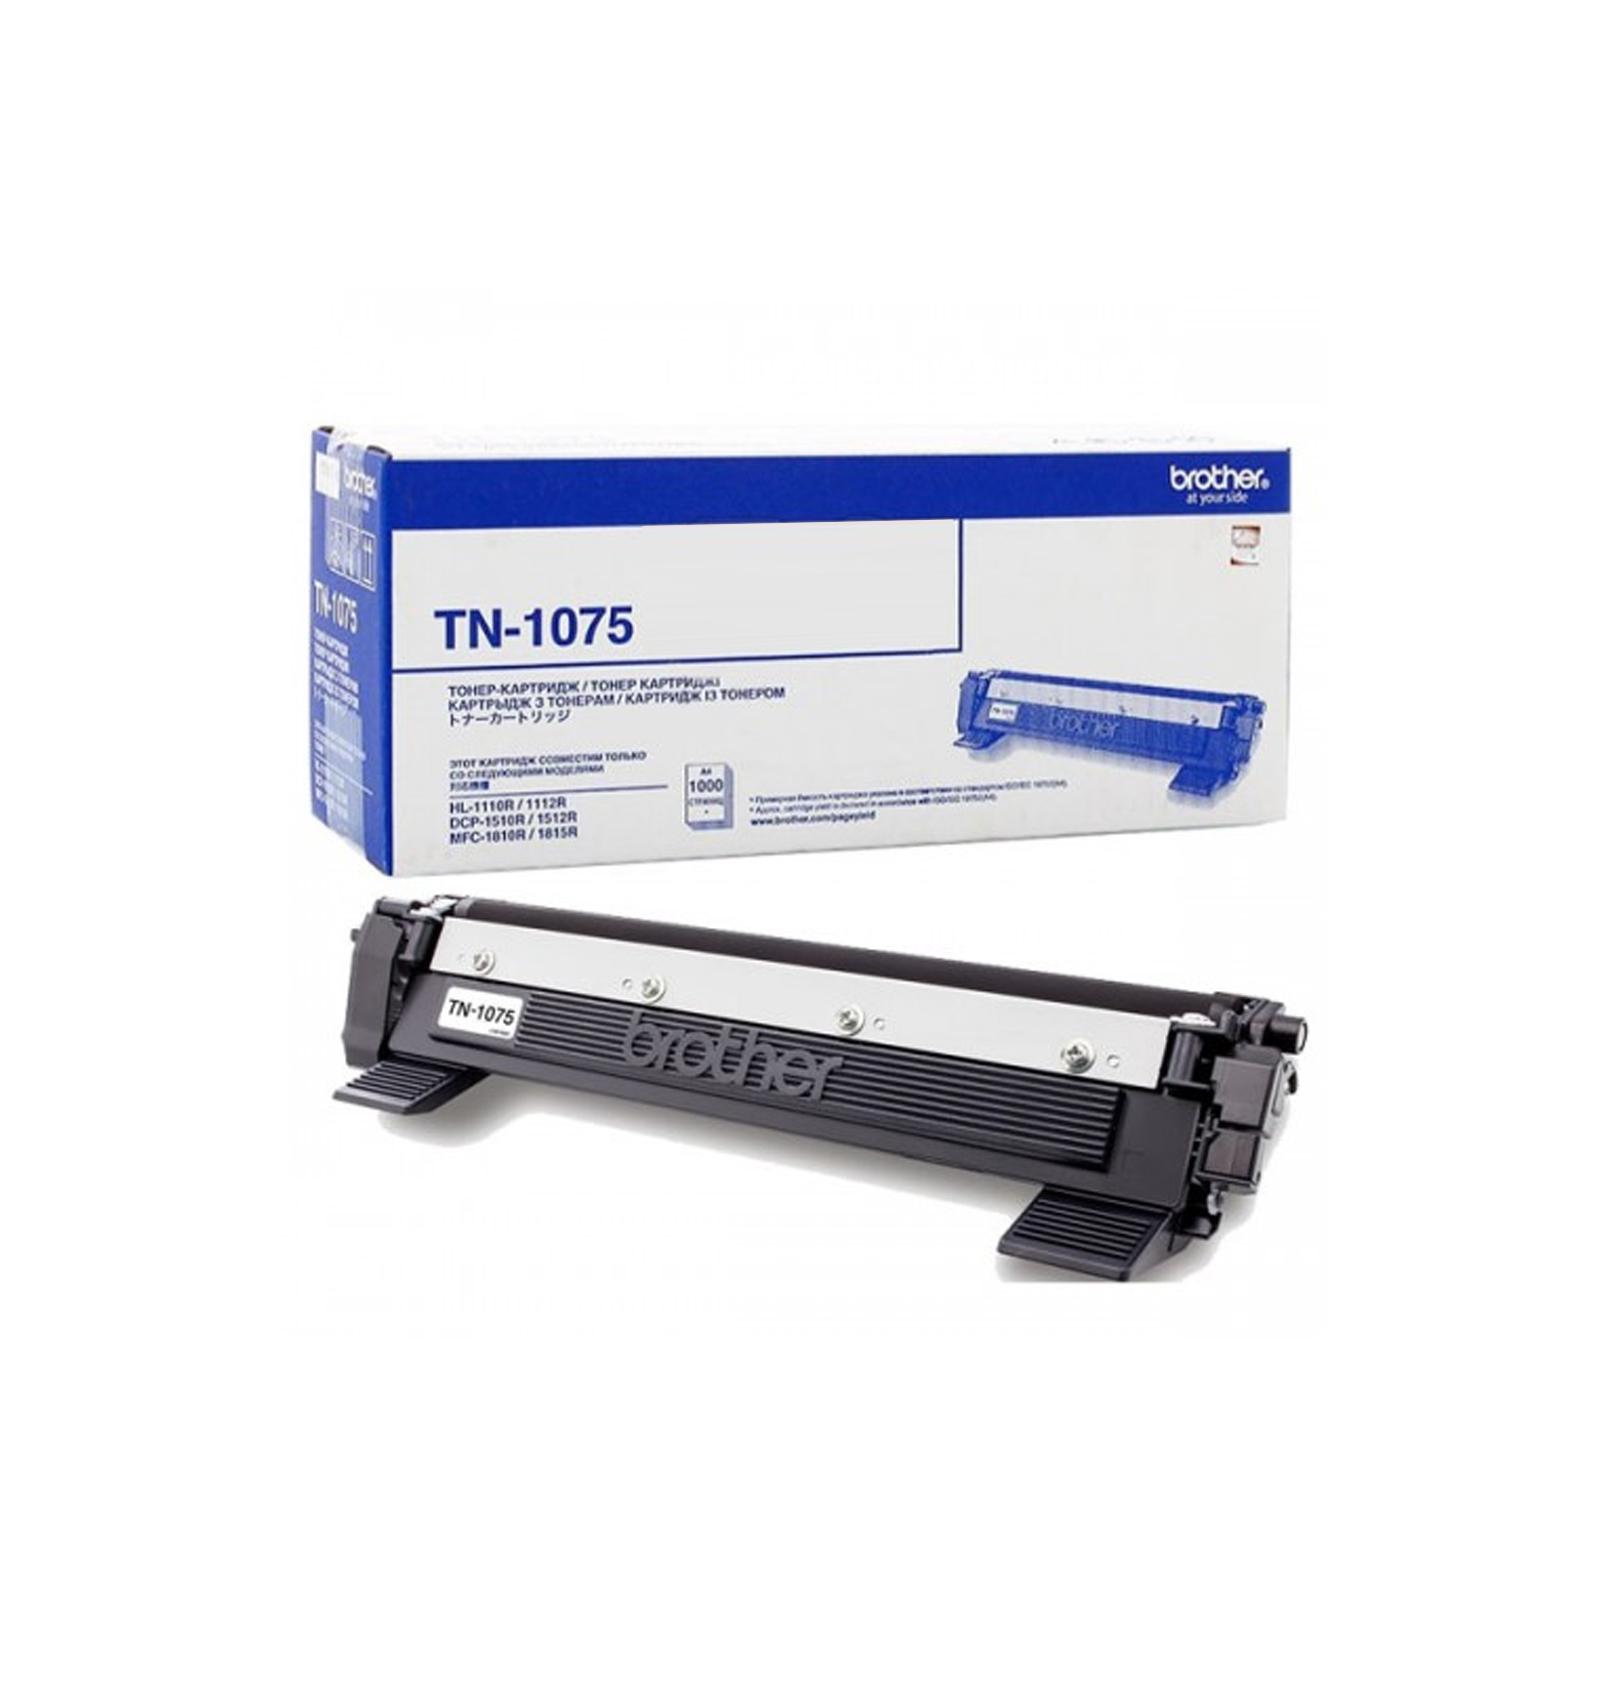 Заправка картриджей Brother TN-1075 для HL-1110/1112/1510/1512/1810/1815